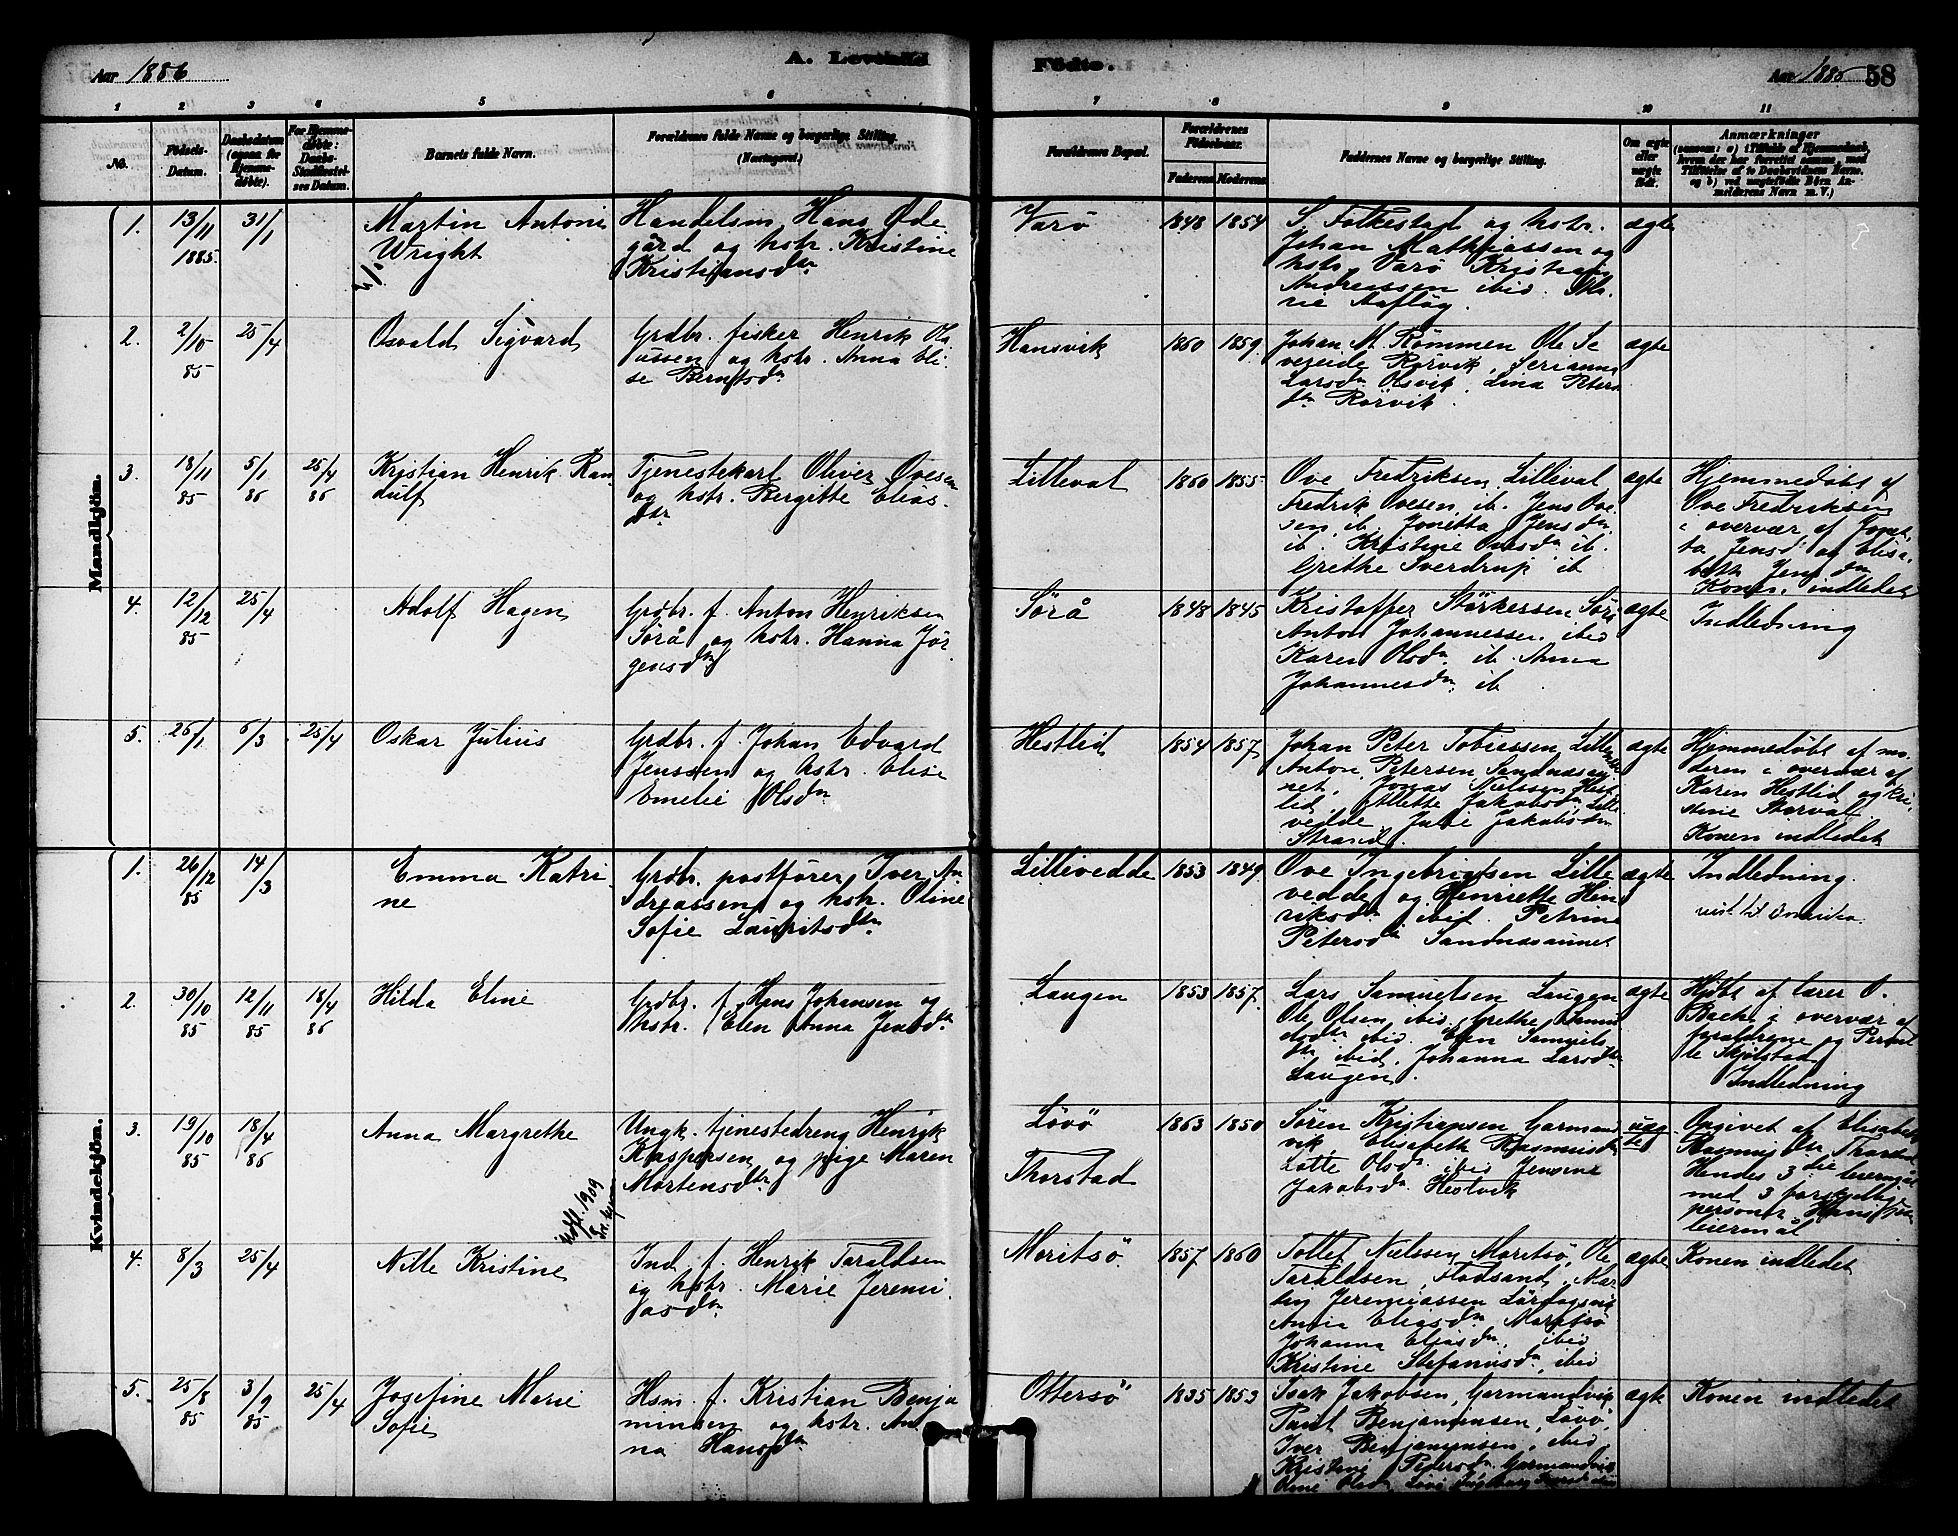 SAT, Ministerialprotokoller, klokkerbøker og fødselsregistre - Nord-Trøndelag, 784/L0672: Ministerialbok nr. 784A07, 1880-1887, s. 58